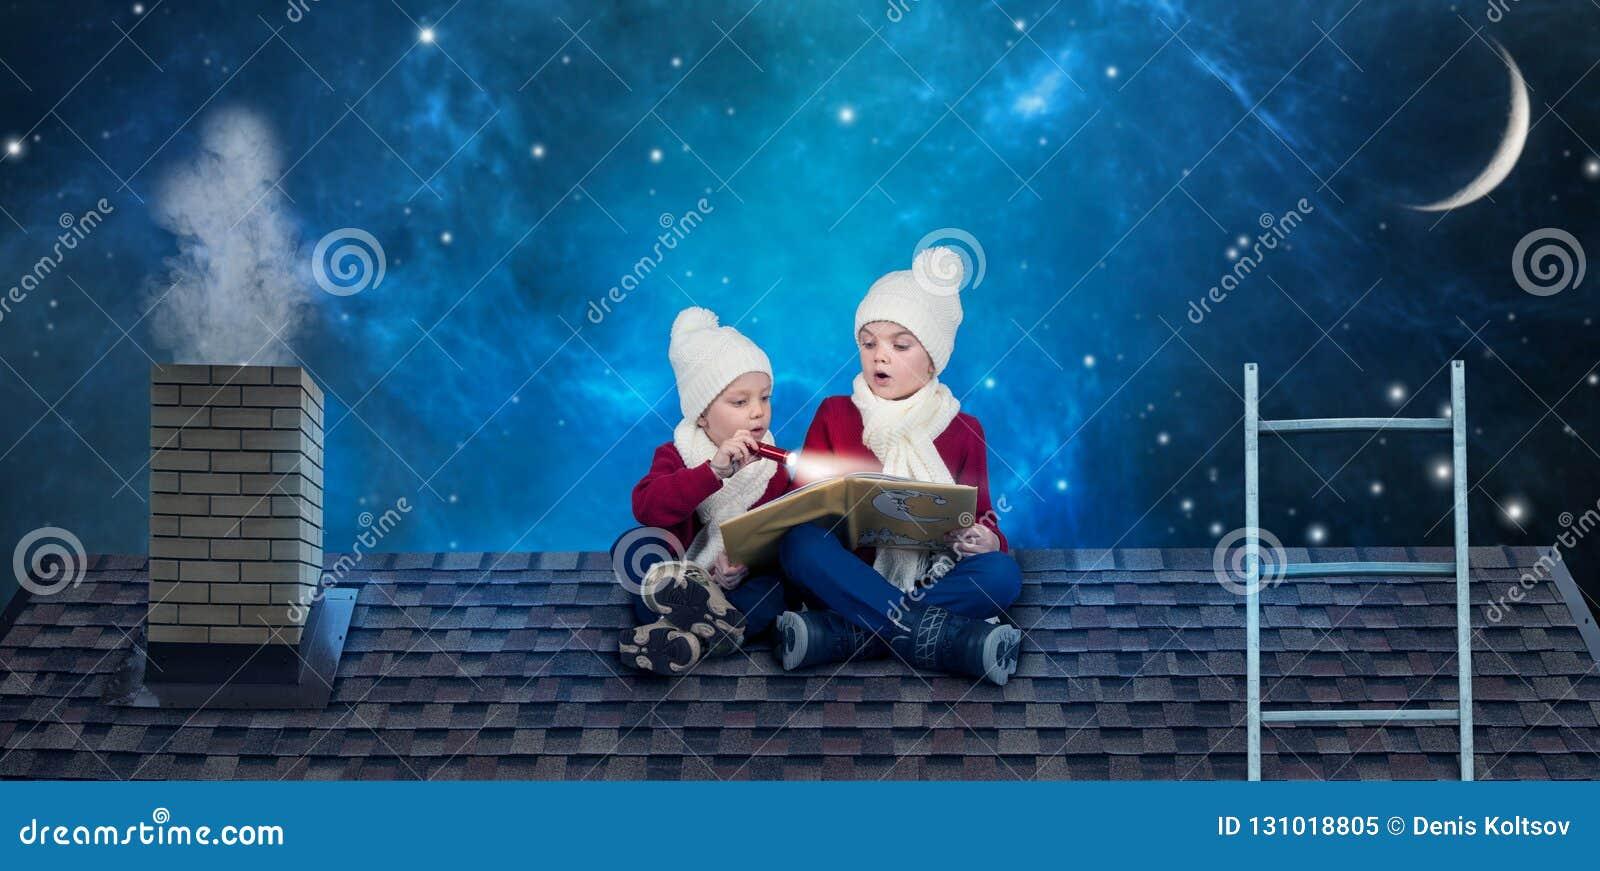 两个兄弟坐在屋顶的圣诞夜并且读与童话当中的一本书 预期圣诞节奇迹